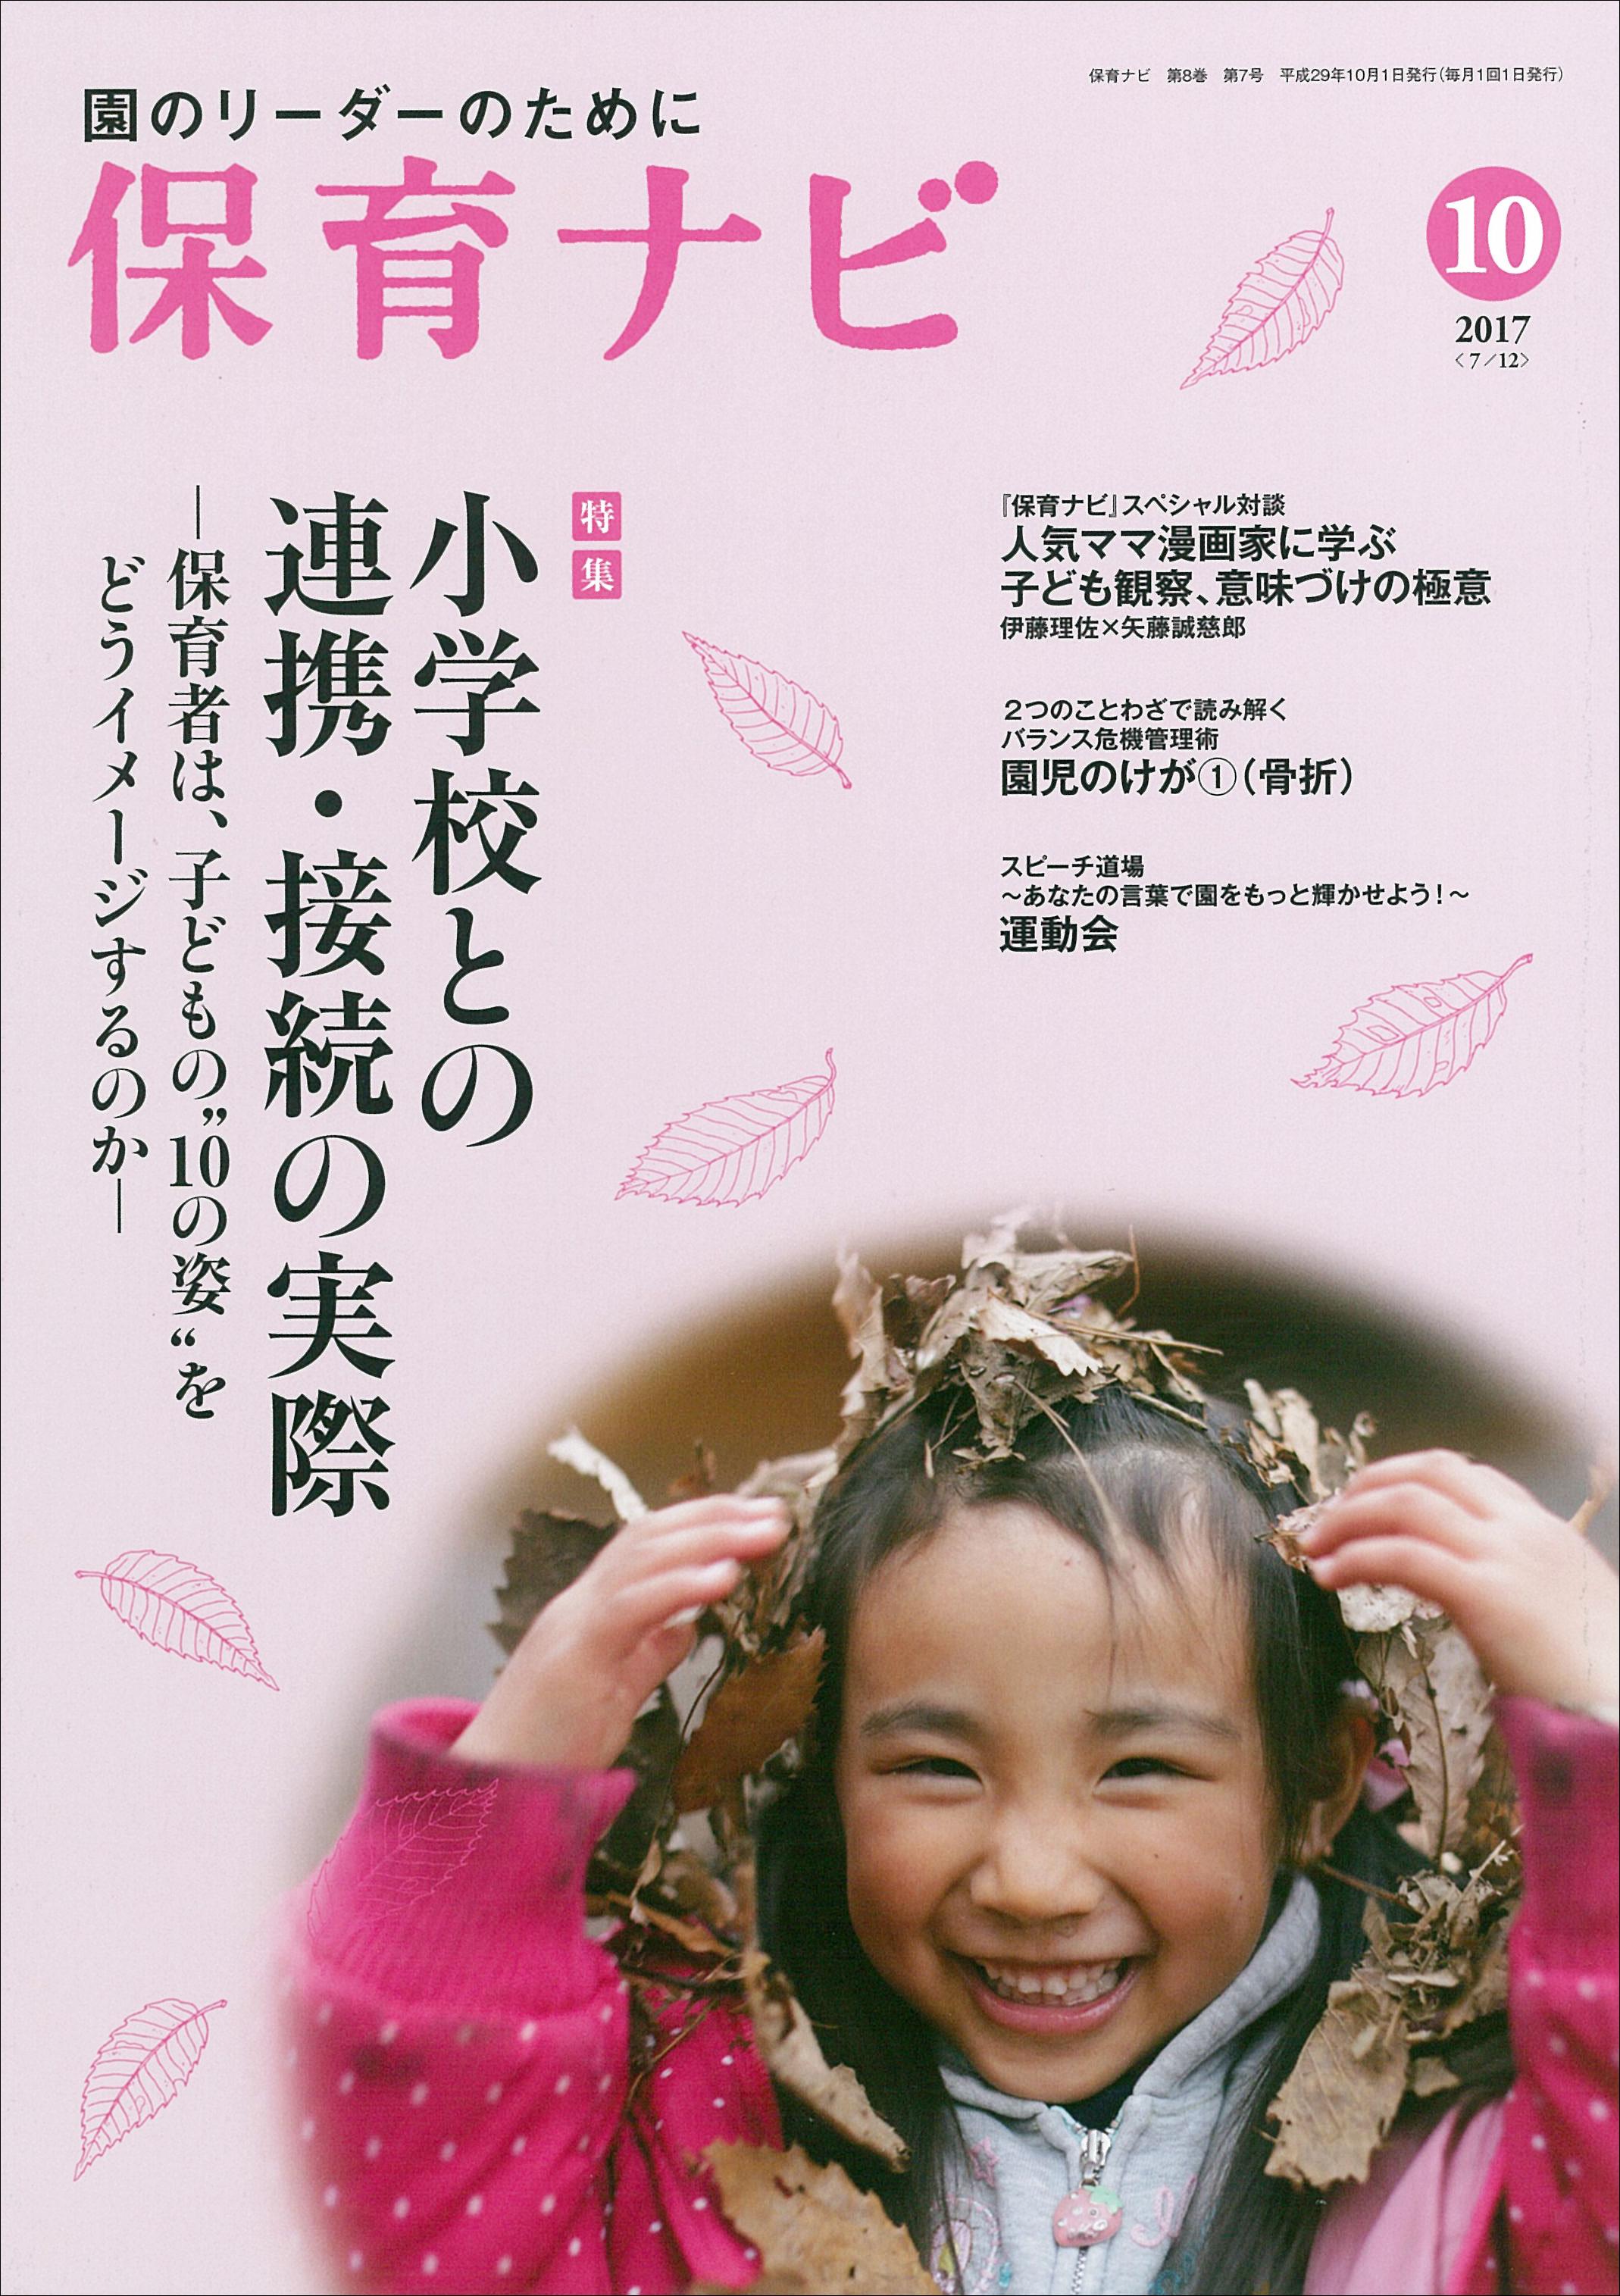 保育ナビ10月号 スペシャル対談 伊藤理佐×矢藤誠慈郎